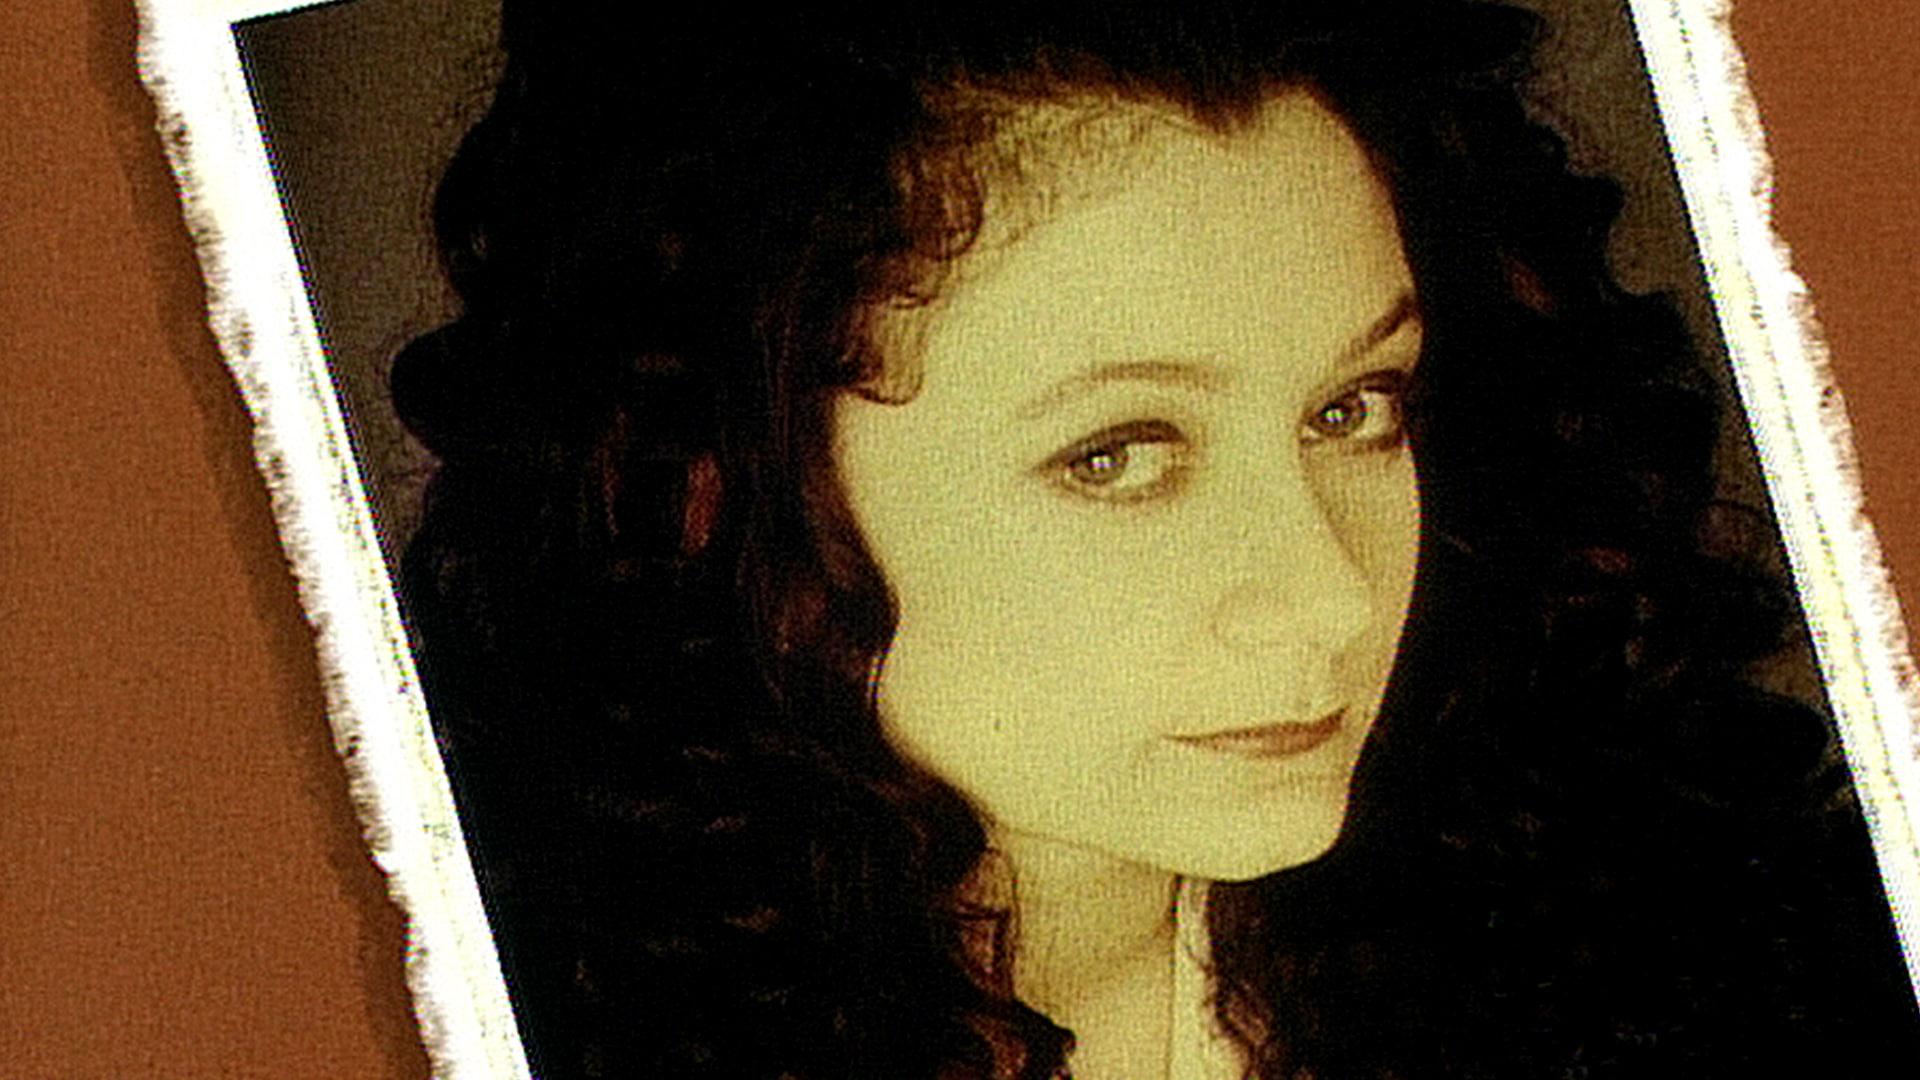 Sara Gilbert: January 15, 1994